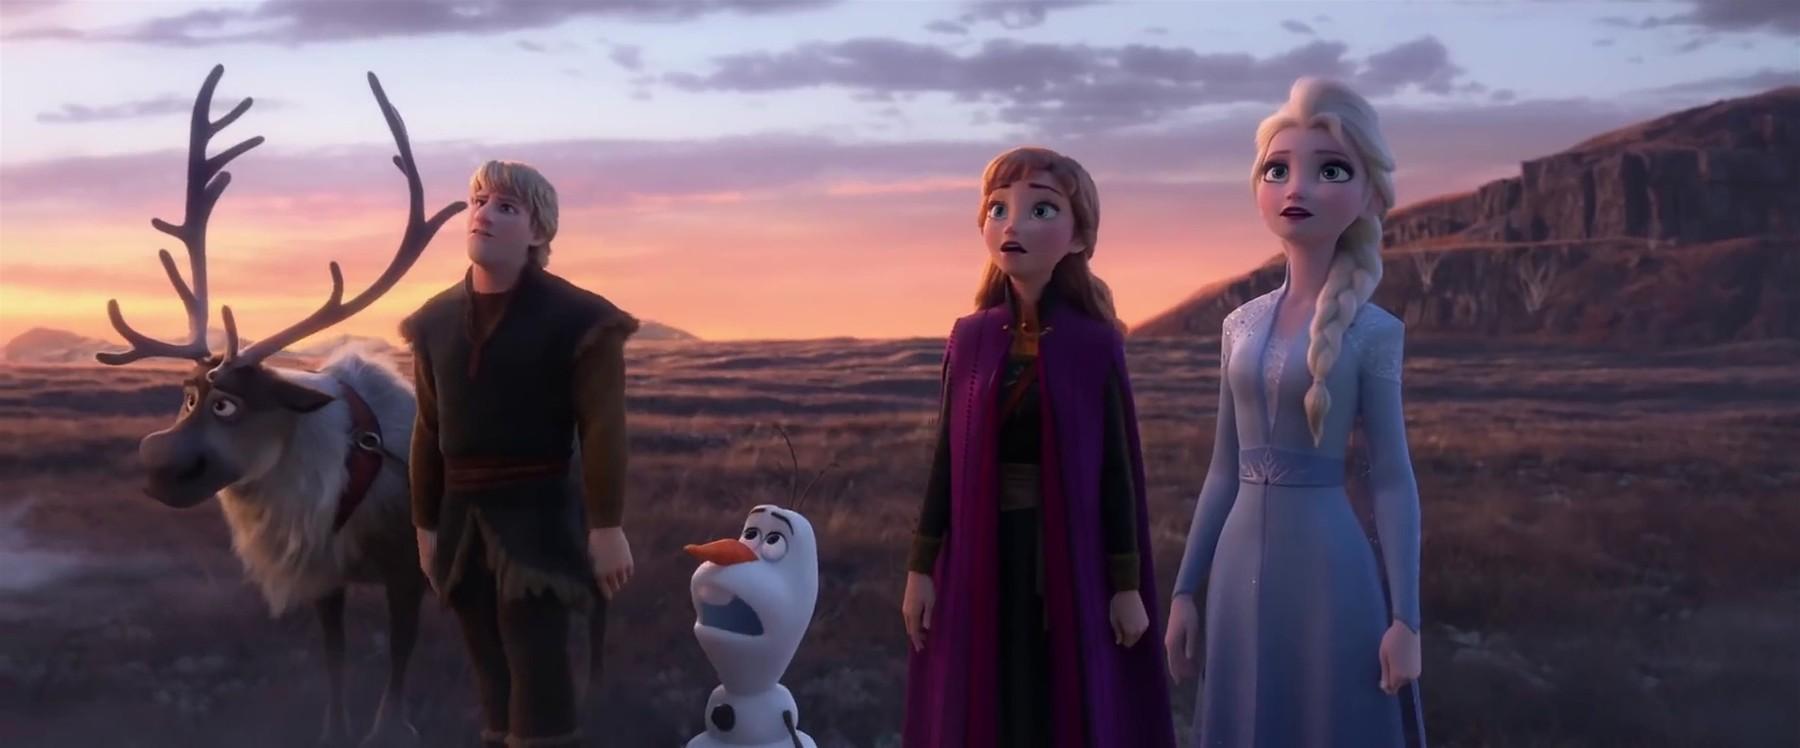 Scena iz popularnog Disneyjevog crtanog filma 'Snježno kraljevstvo'